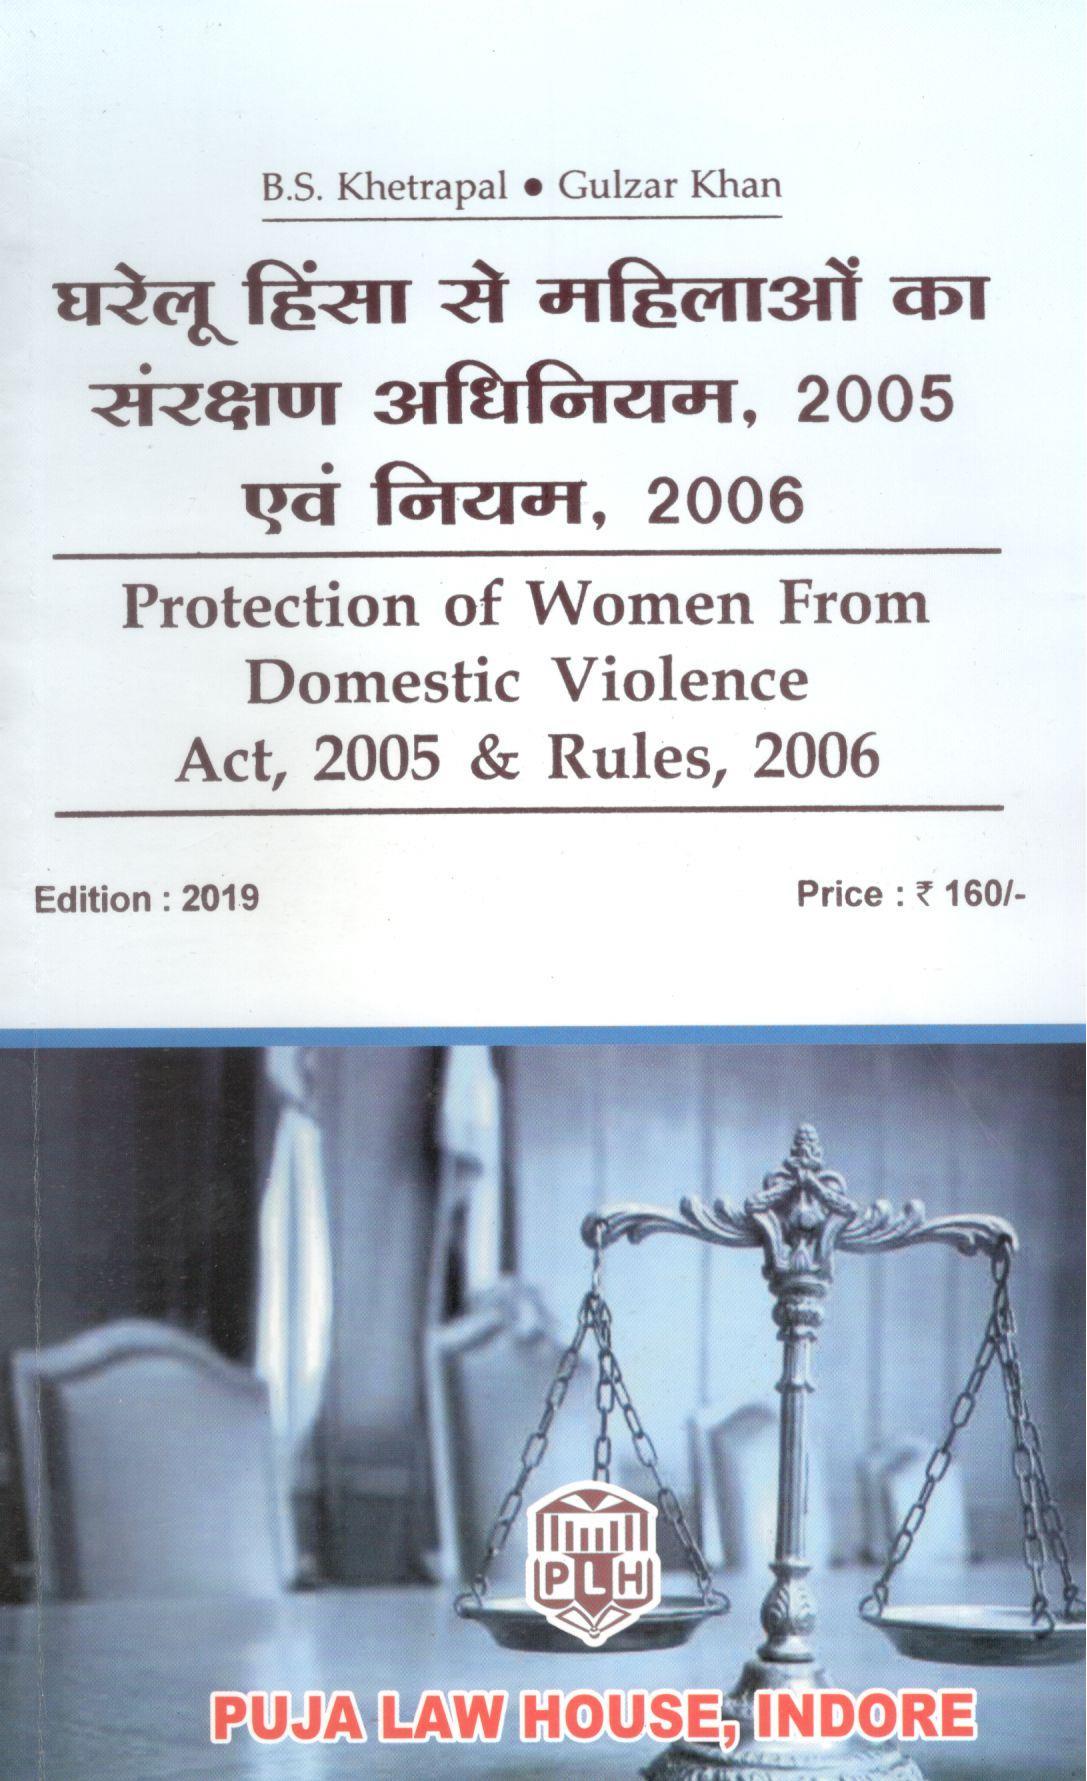 घरेलू हिंसा से महिलाओं का संरक्षण अधिनियम, 2005 और नियम / Protection of woman from Domestic Violence Act & Rules, 2005